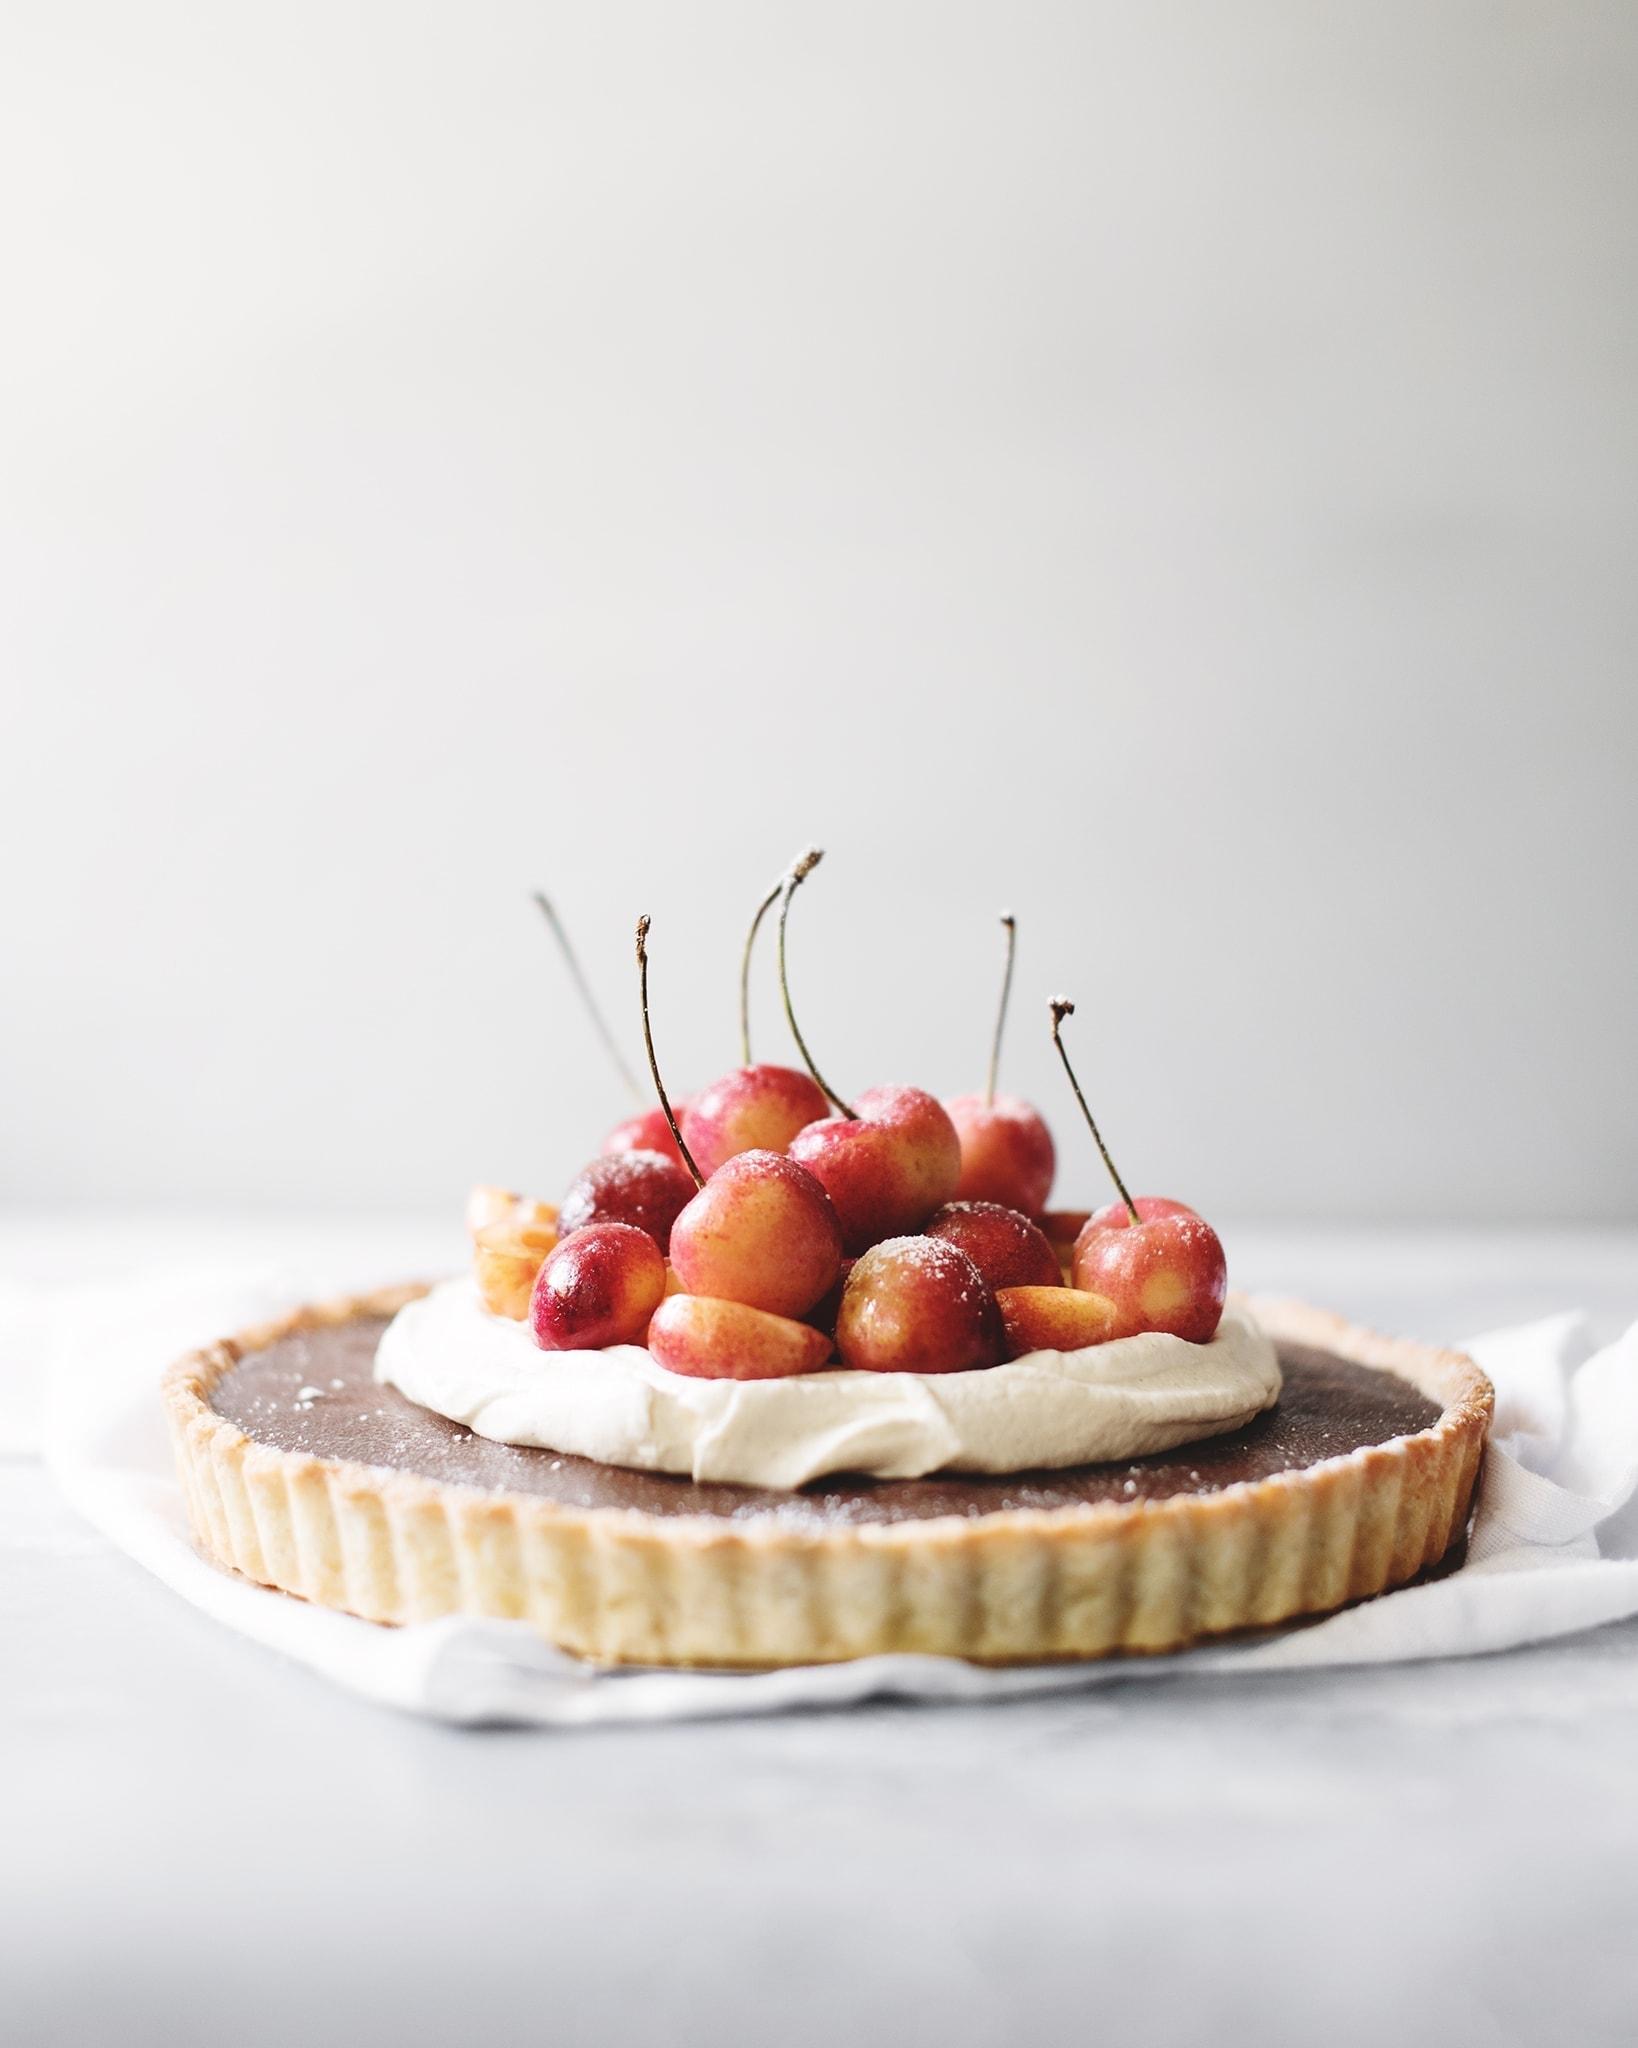 Rainier cherries on top of whipped cream and chocolate ganache tart on grey background